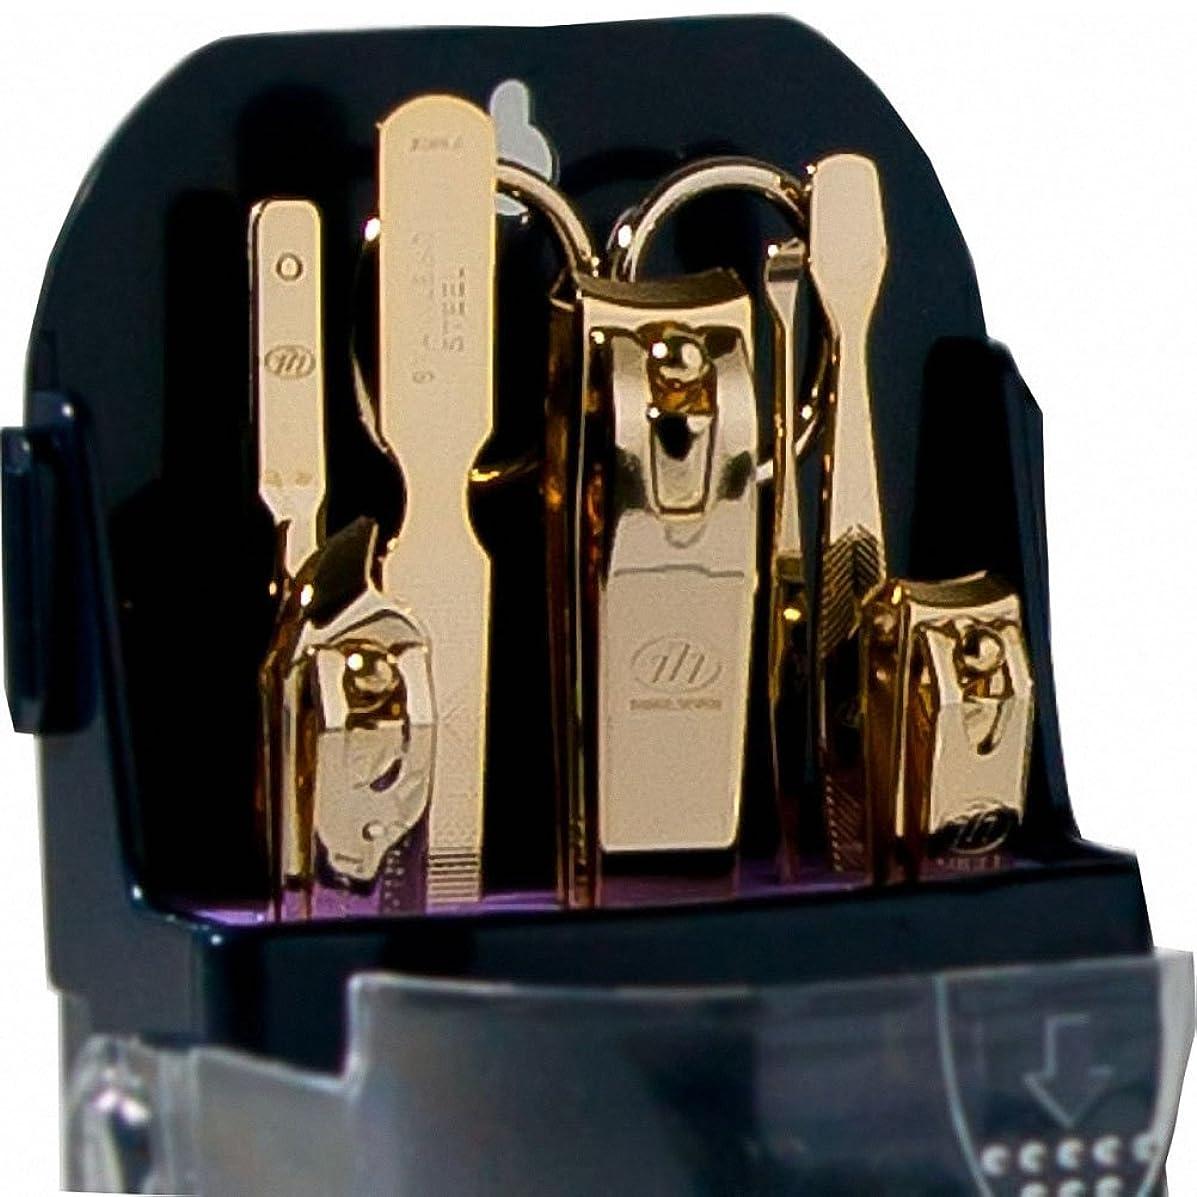 忘れられない文明化危険な【 三セブン】THREE SEVEN TS-091 Manicure Set 三セブンTS 091マニキュア セット (2.Gold) [並行輸入品]